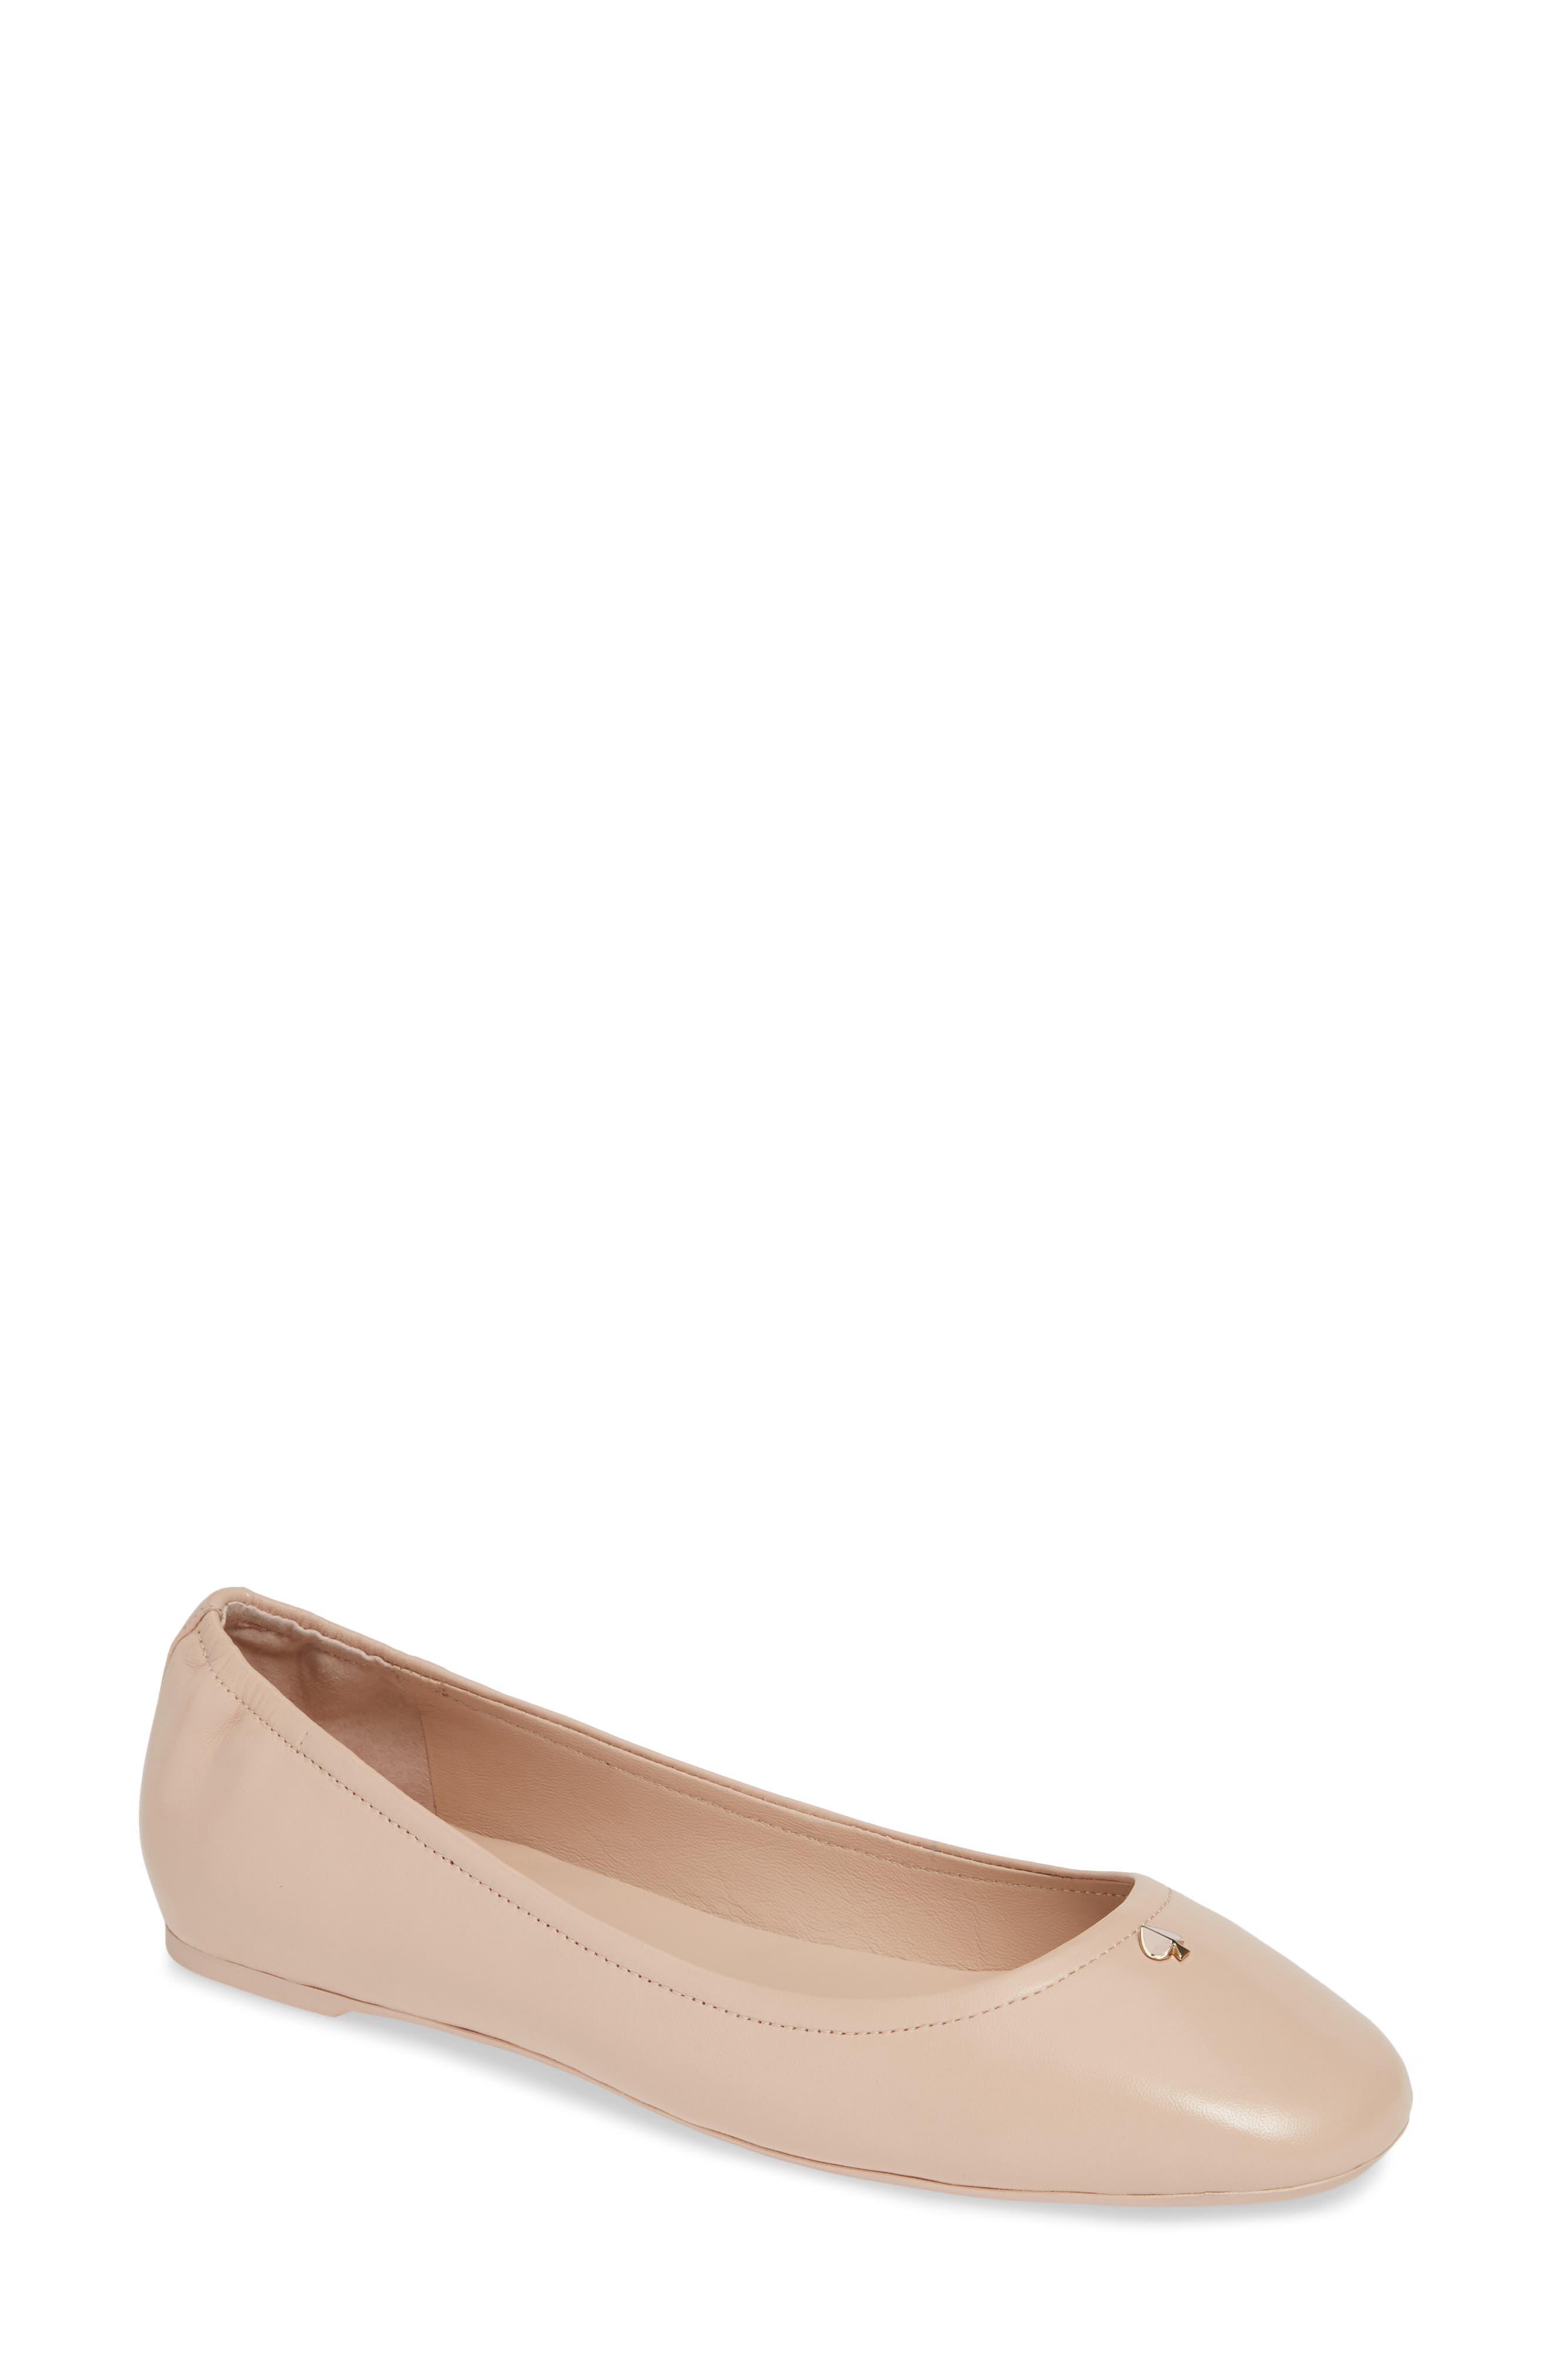 Kate Spade New York Kora Ballet Flat, Pink